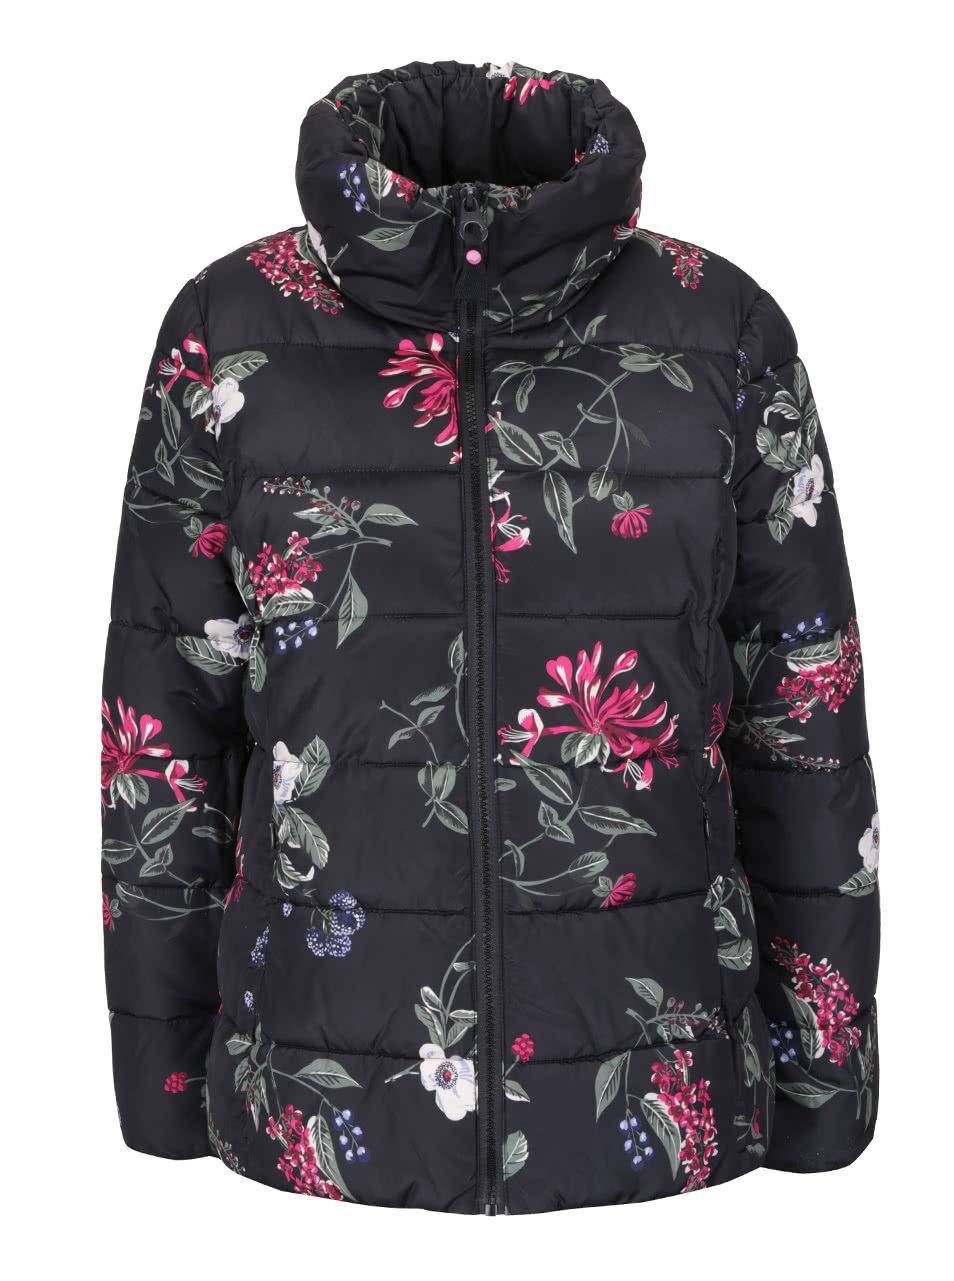 Čierna dámska prešívaná bunda s potlačou kvetov Tom Joule Florian ... 973057f5e38